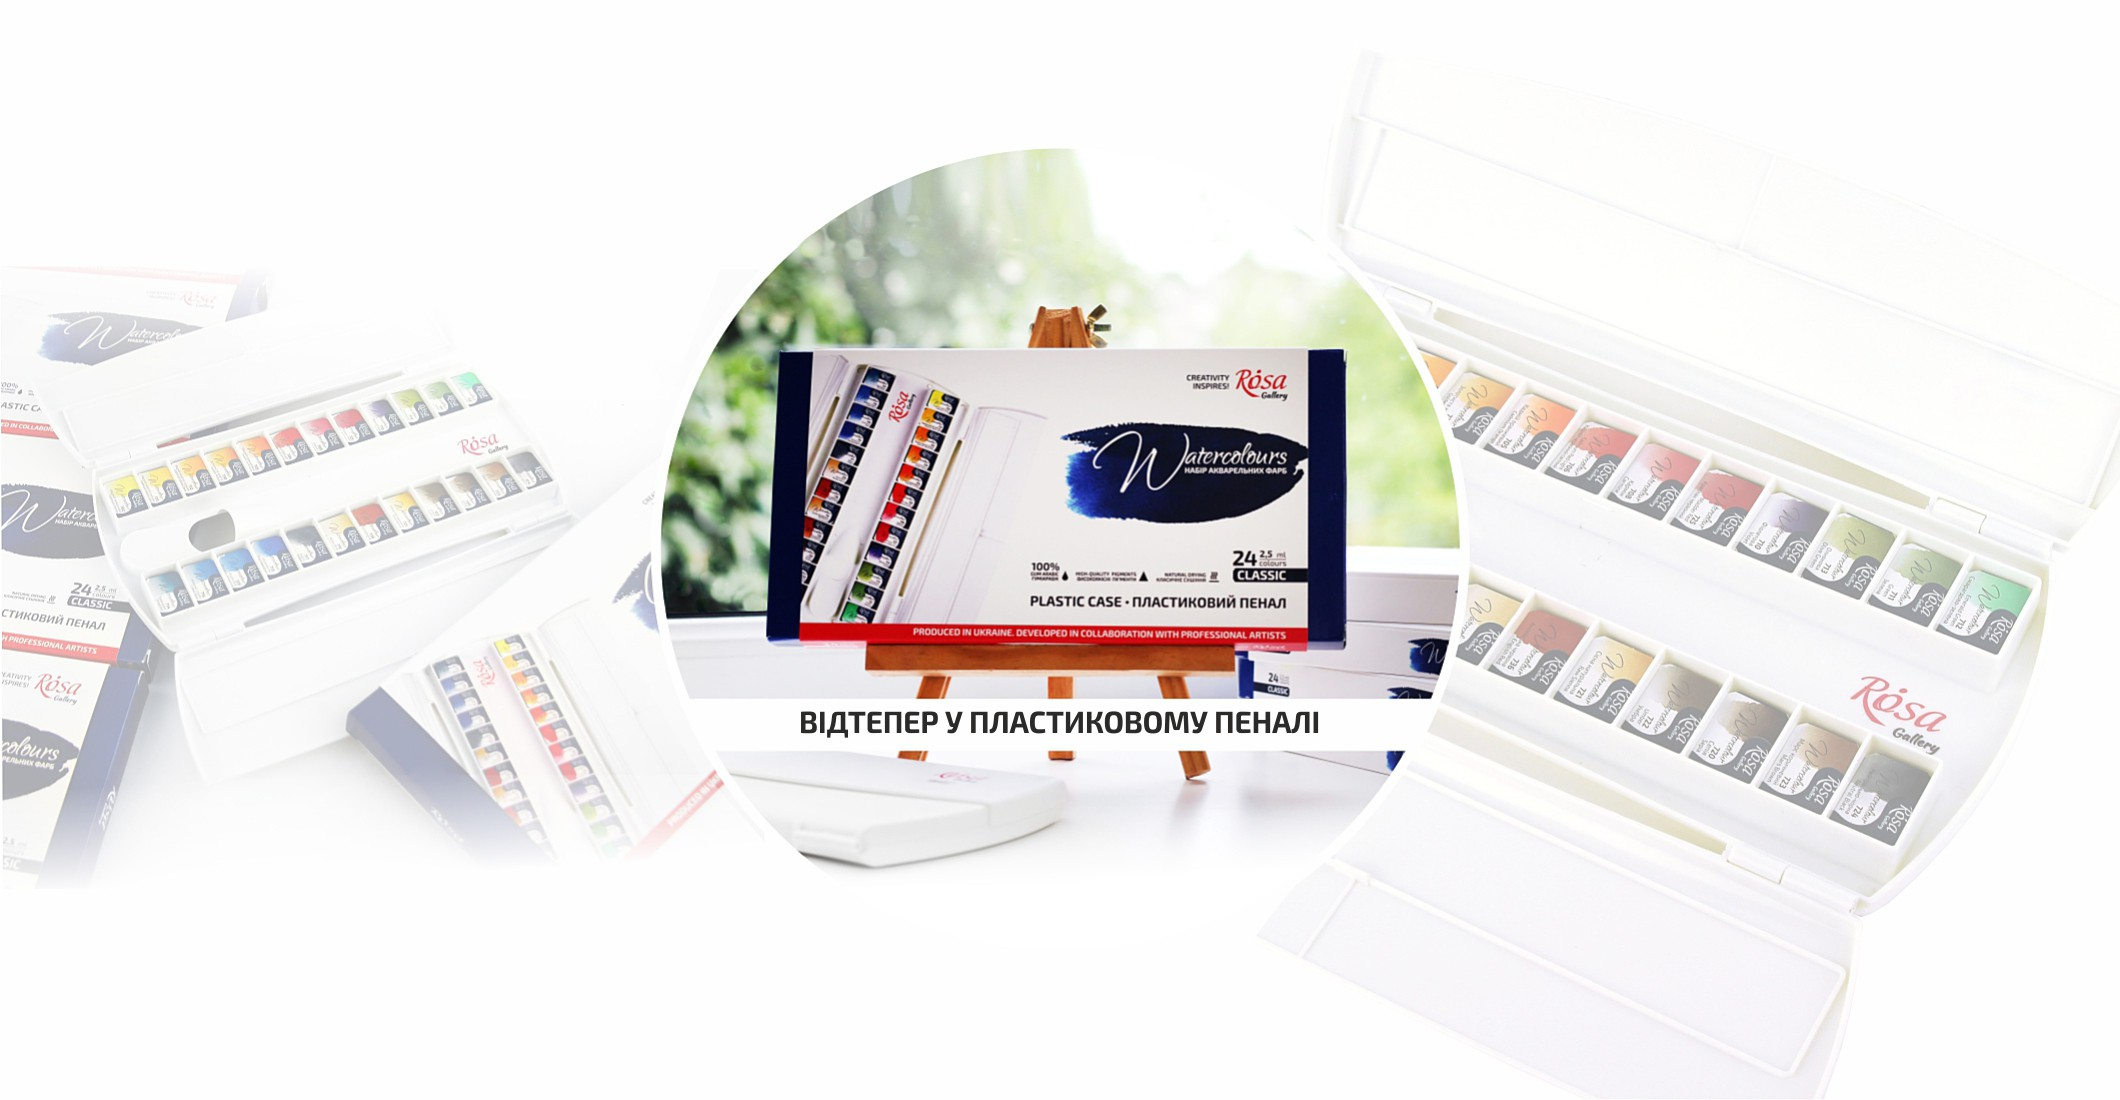 Набір акварельних фарб КЛАСИКА на 24 кольори в пластиковому пеналі